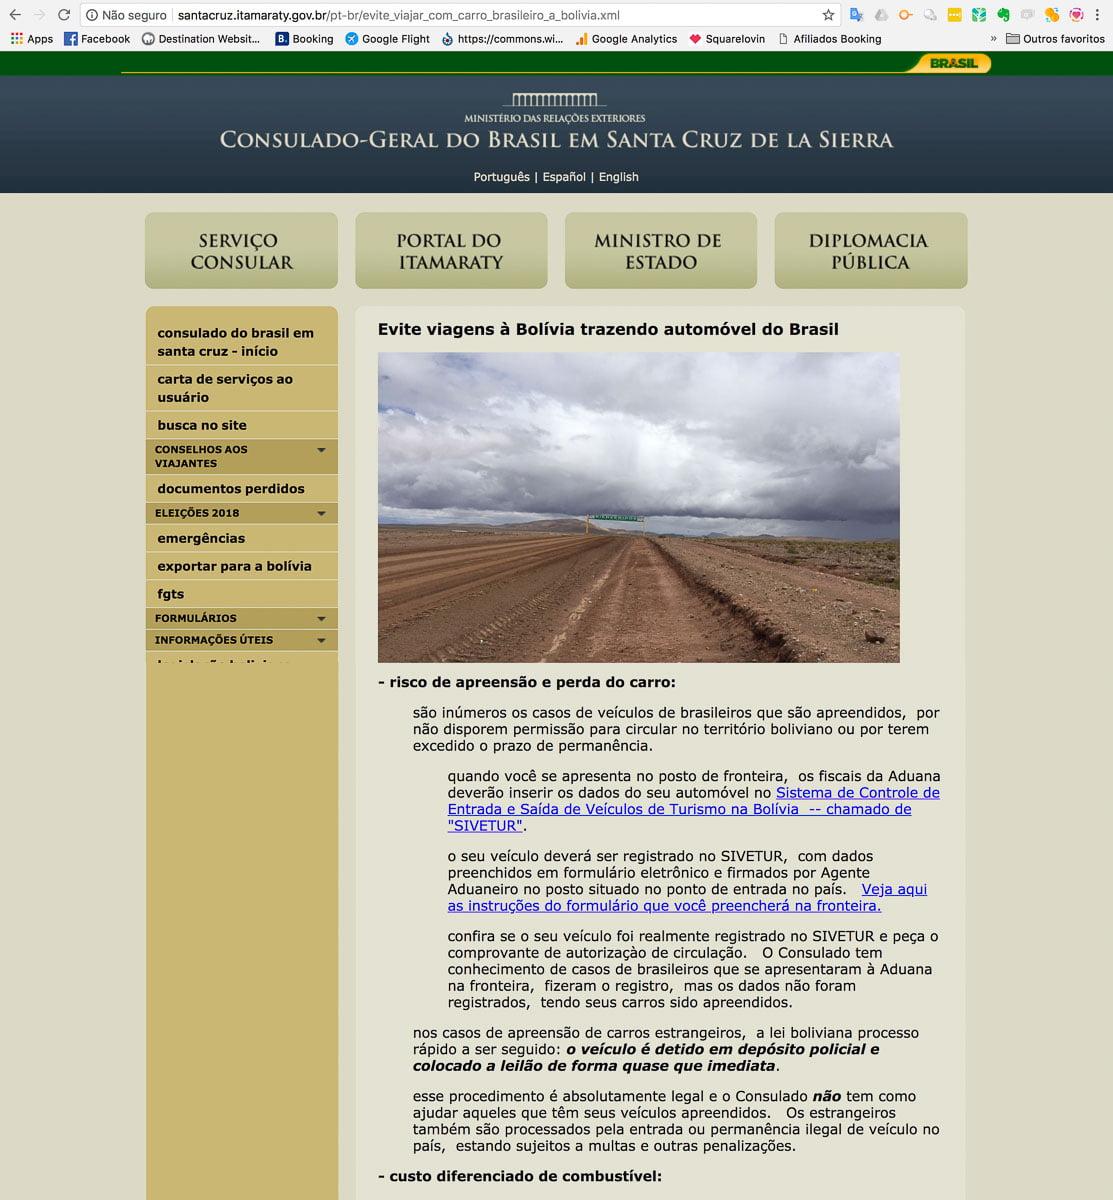 Documentos para viajar de carro pela Bolívia - Site do Consulado